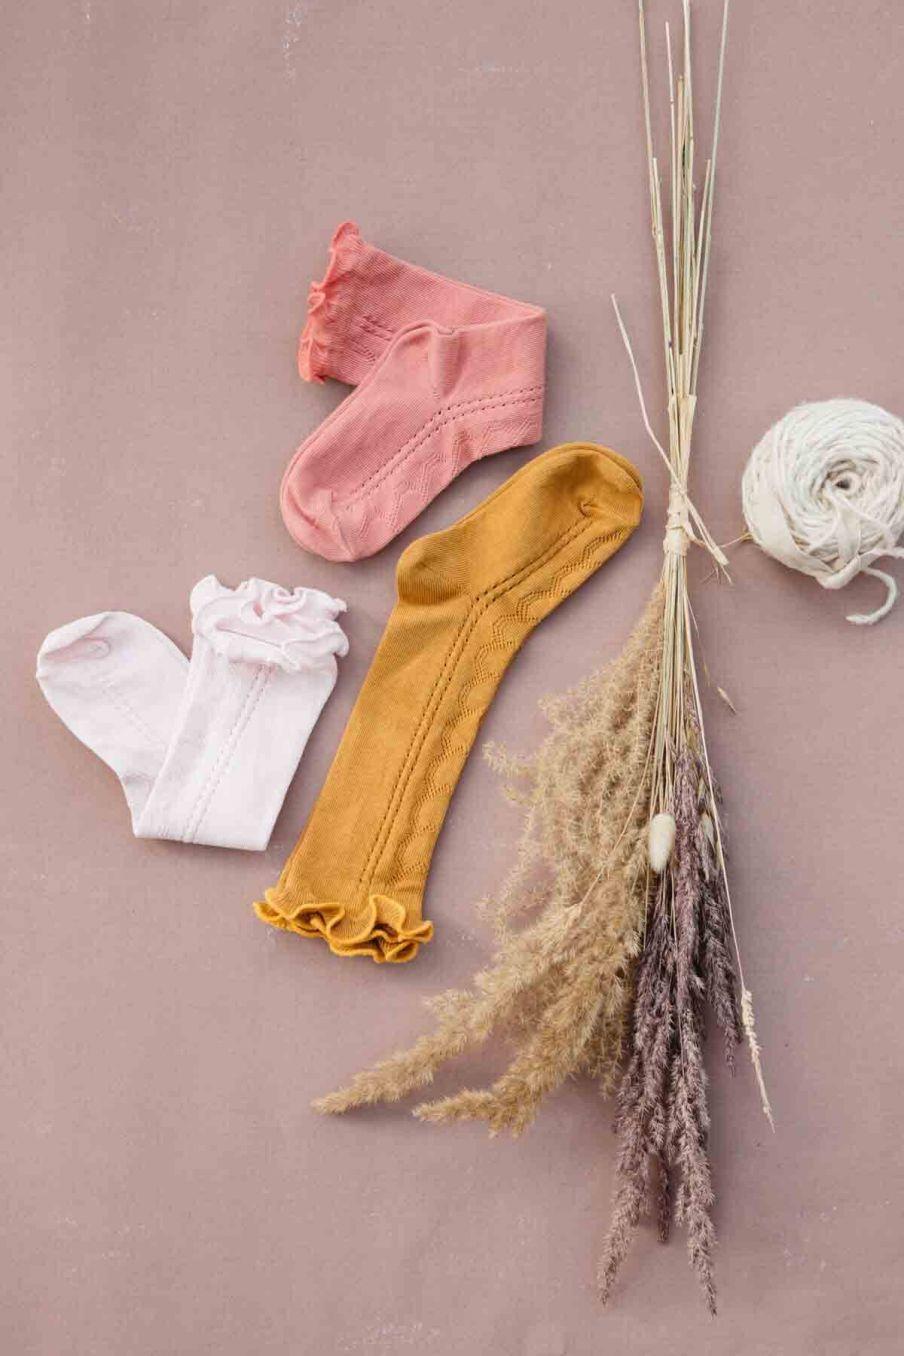 chaussettes bebe fille chilou blush - louise misha